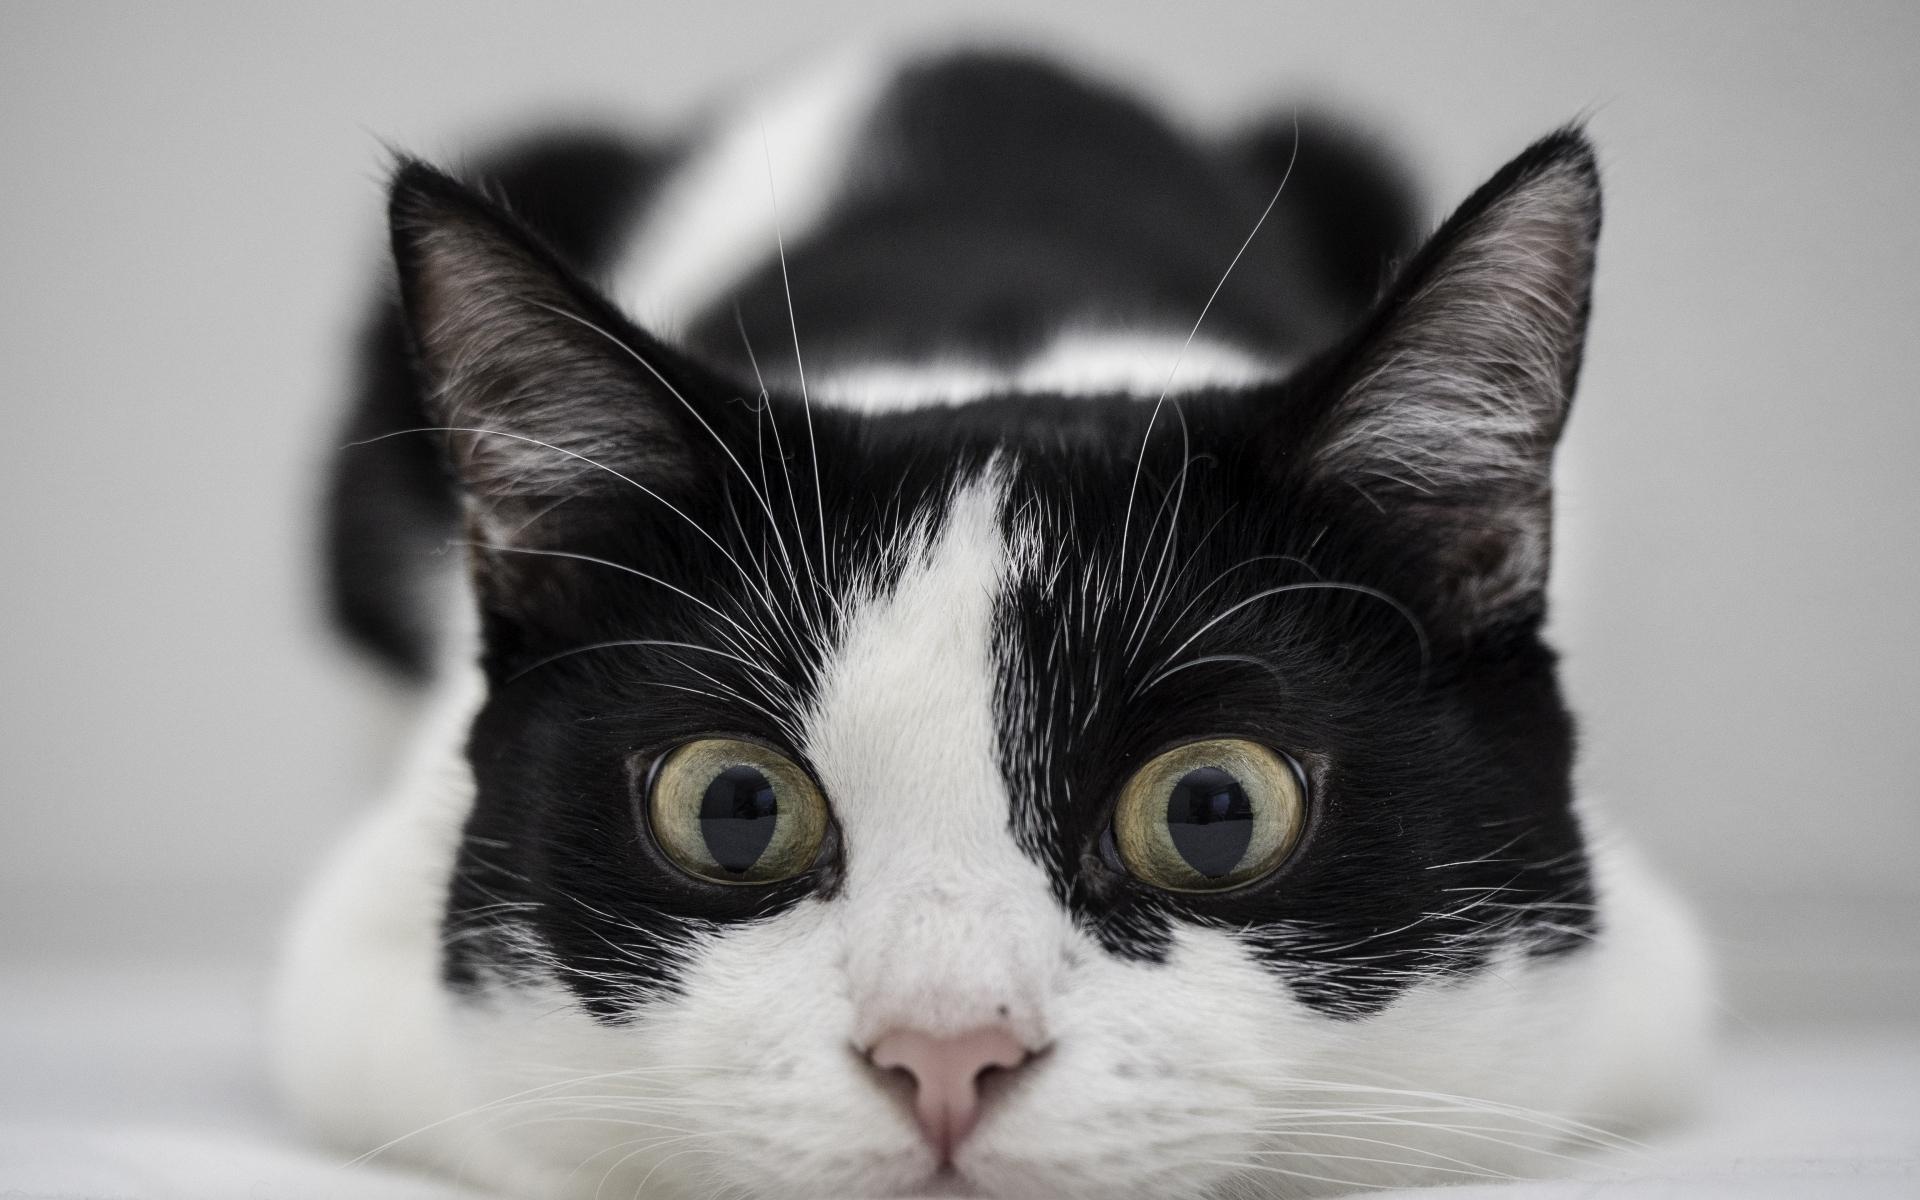 Un gato blanco y negro - 1920x1200